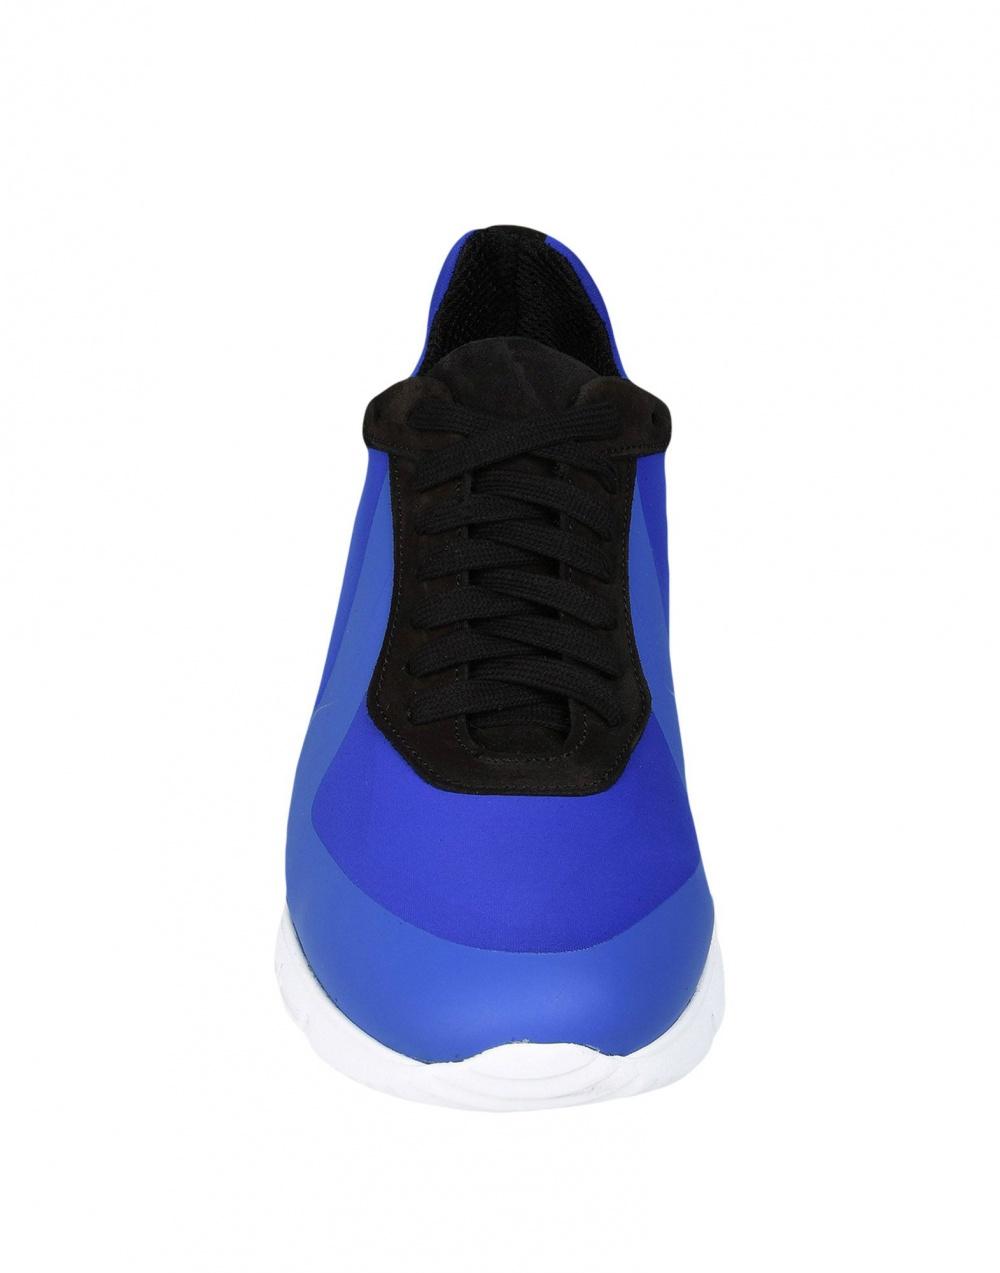 Новые кроссовки EDWA 41 размера